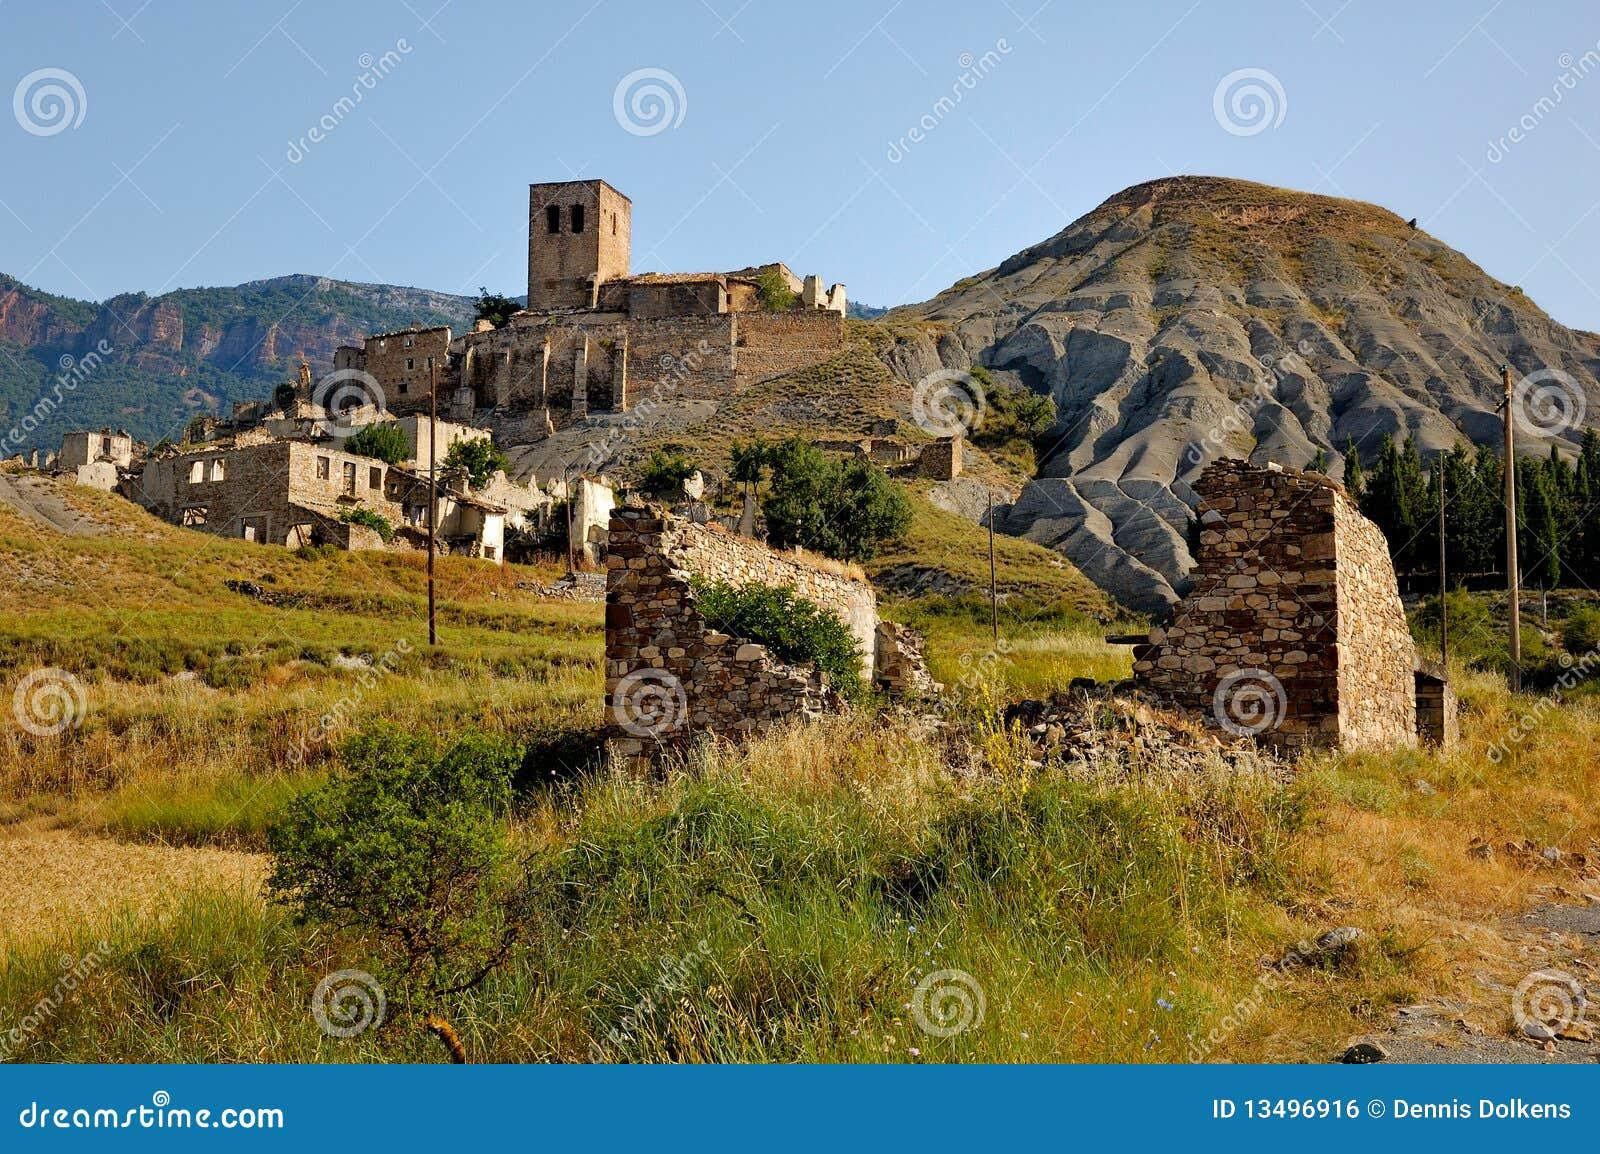 Ghost Town in Spain